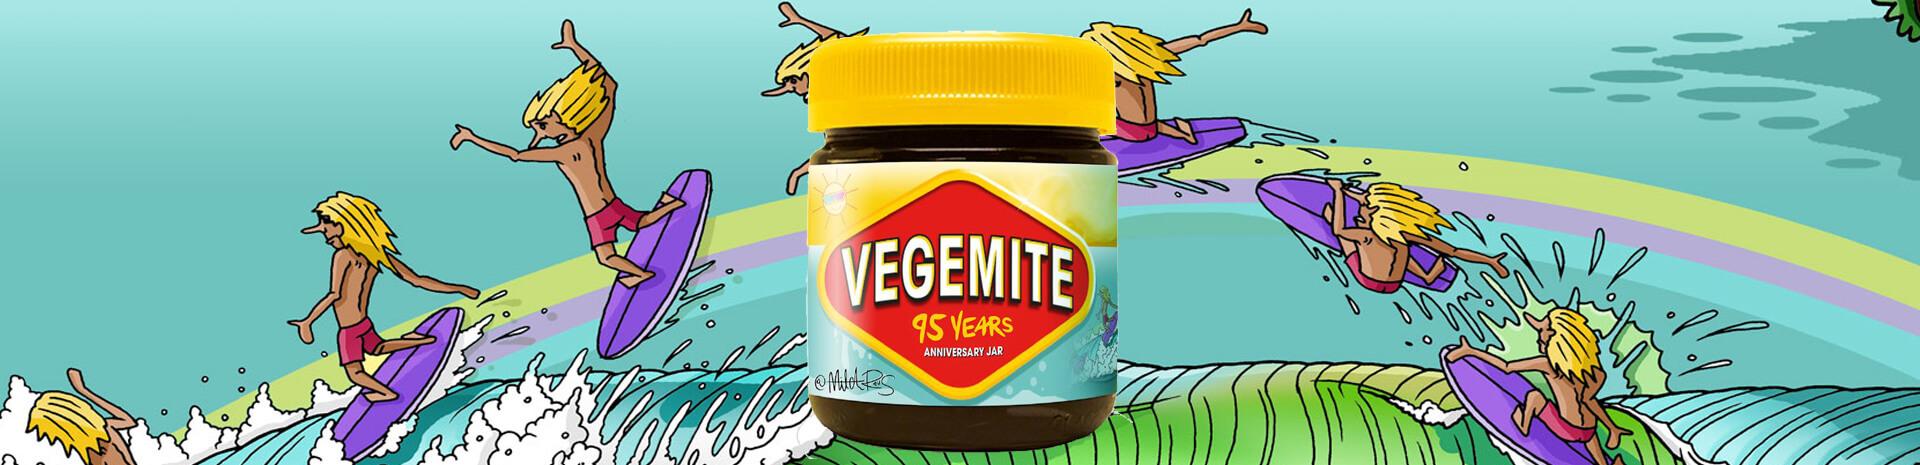 Vegemite Banner